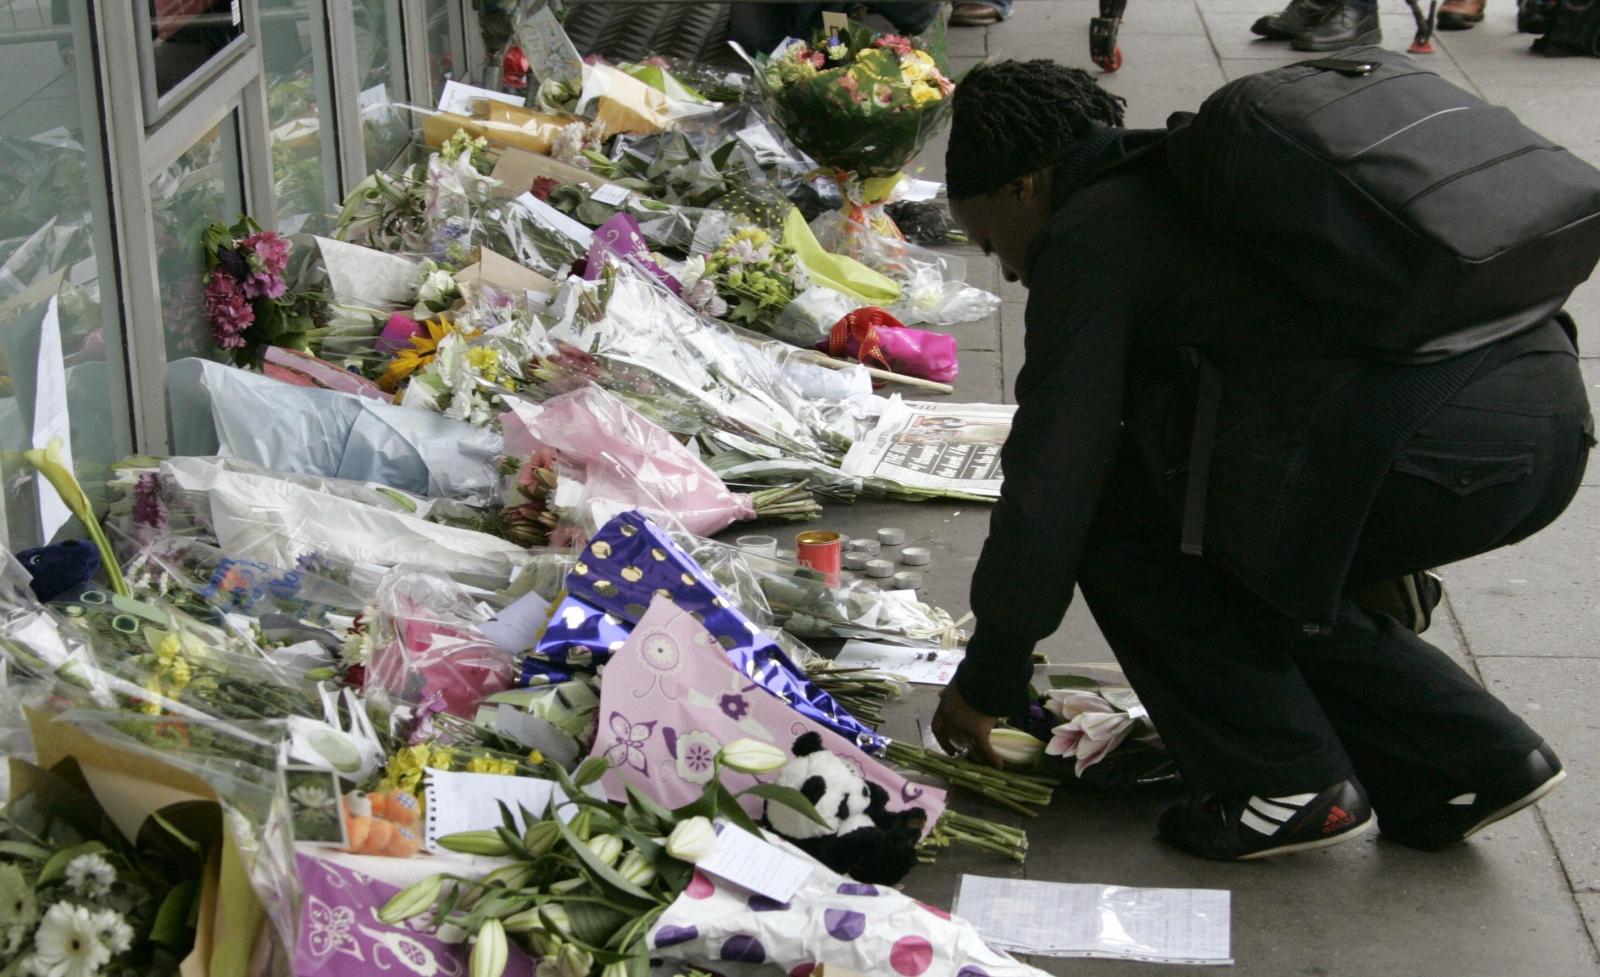 7/7 london bombings